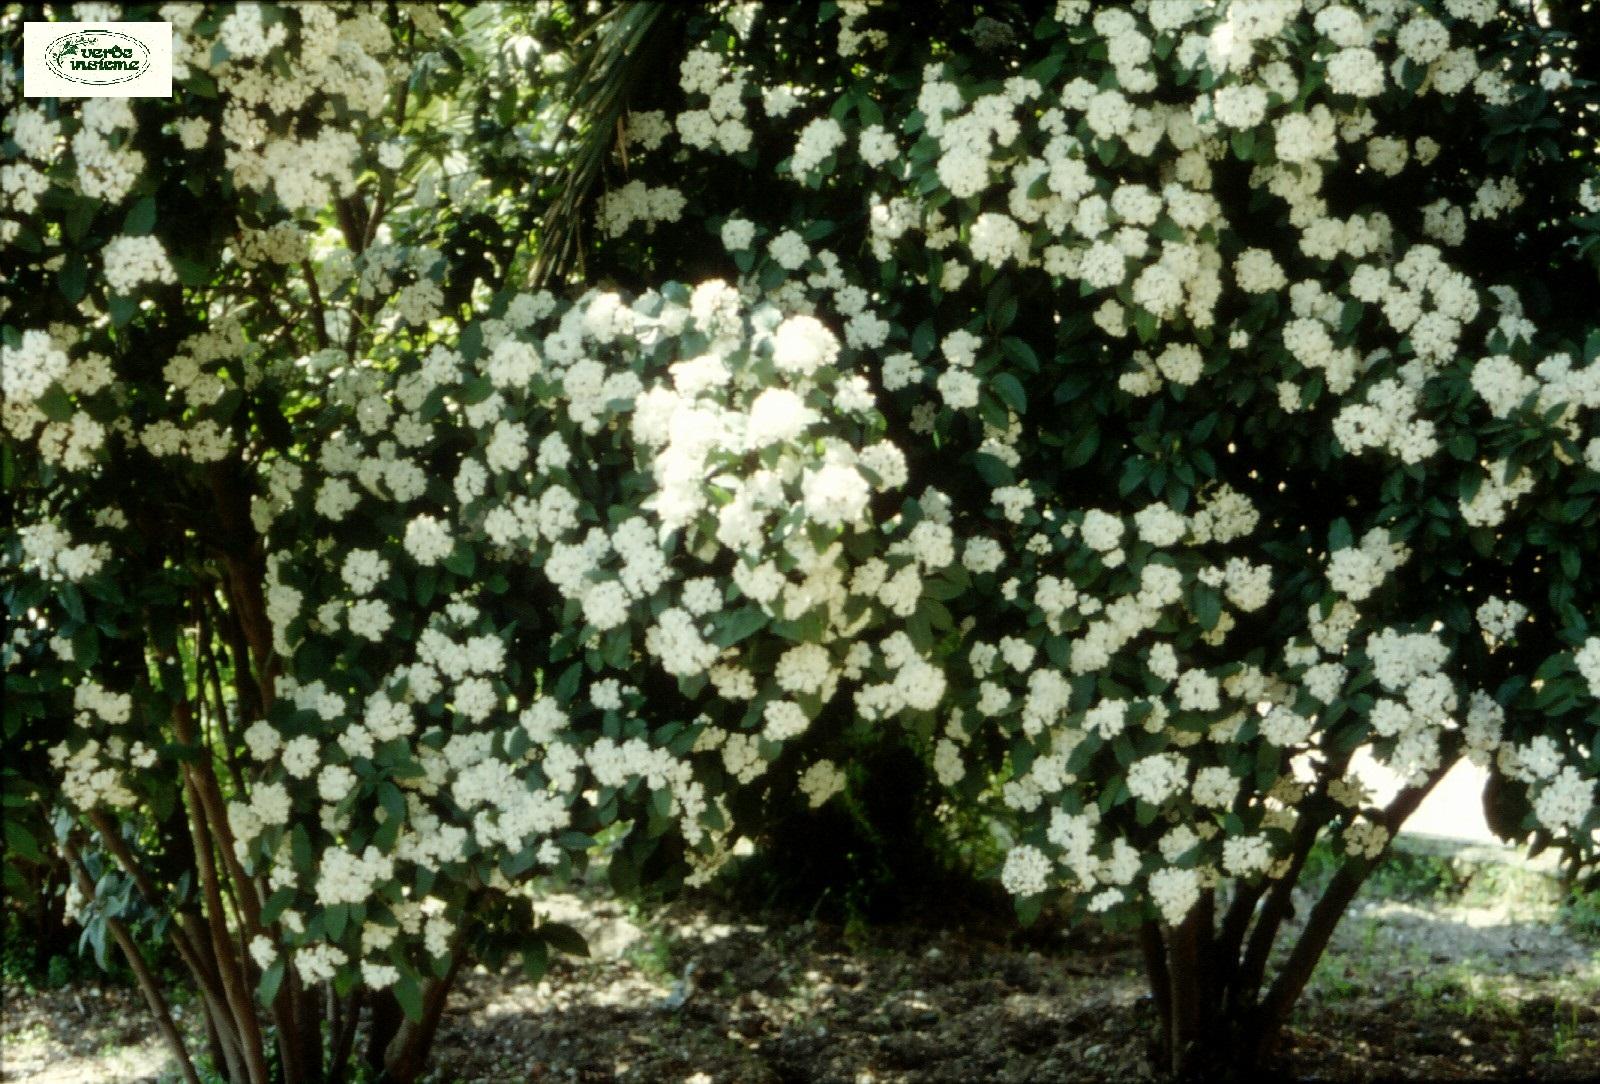 Delightful Viburno, Lentaggine, Laurotino Sono I Nomi Con Cui è Conosciuta Comunemente  La Specie, Un Arbusto Sempreverde Della Famiglia Delle Caprifoliaceae (o,  ...